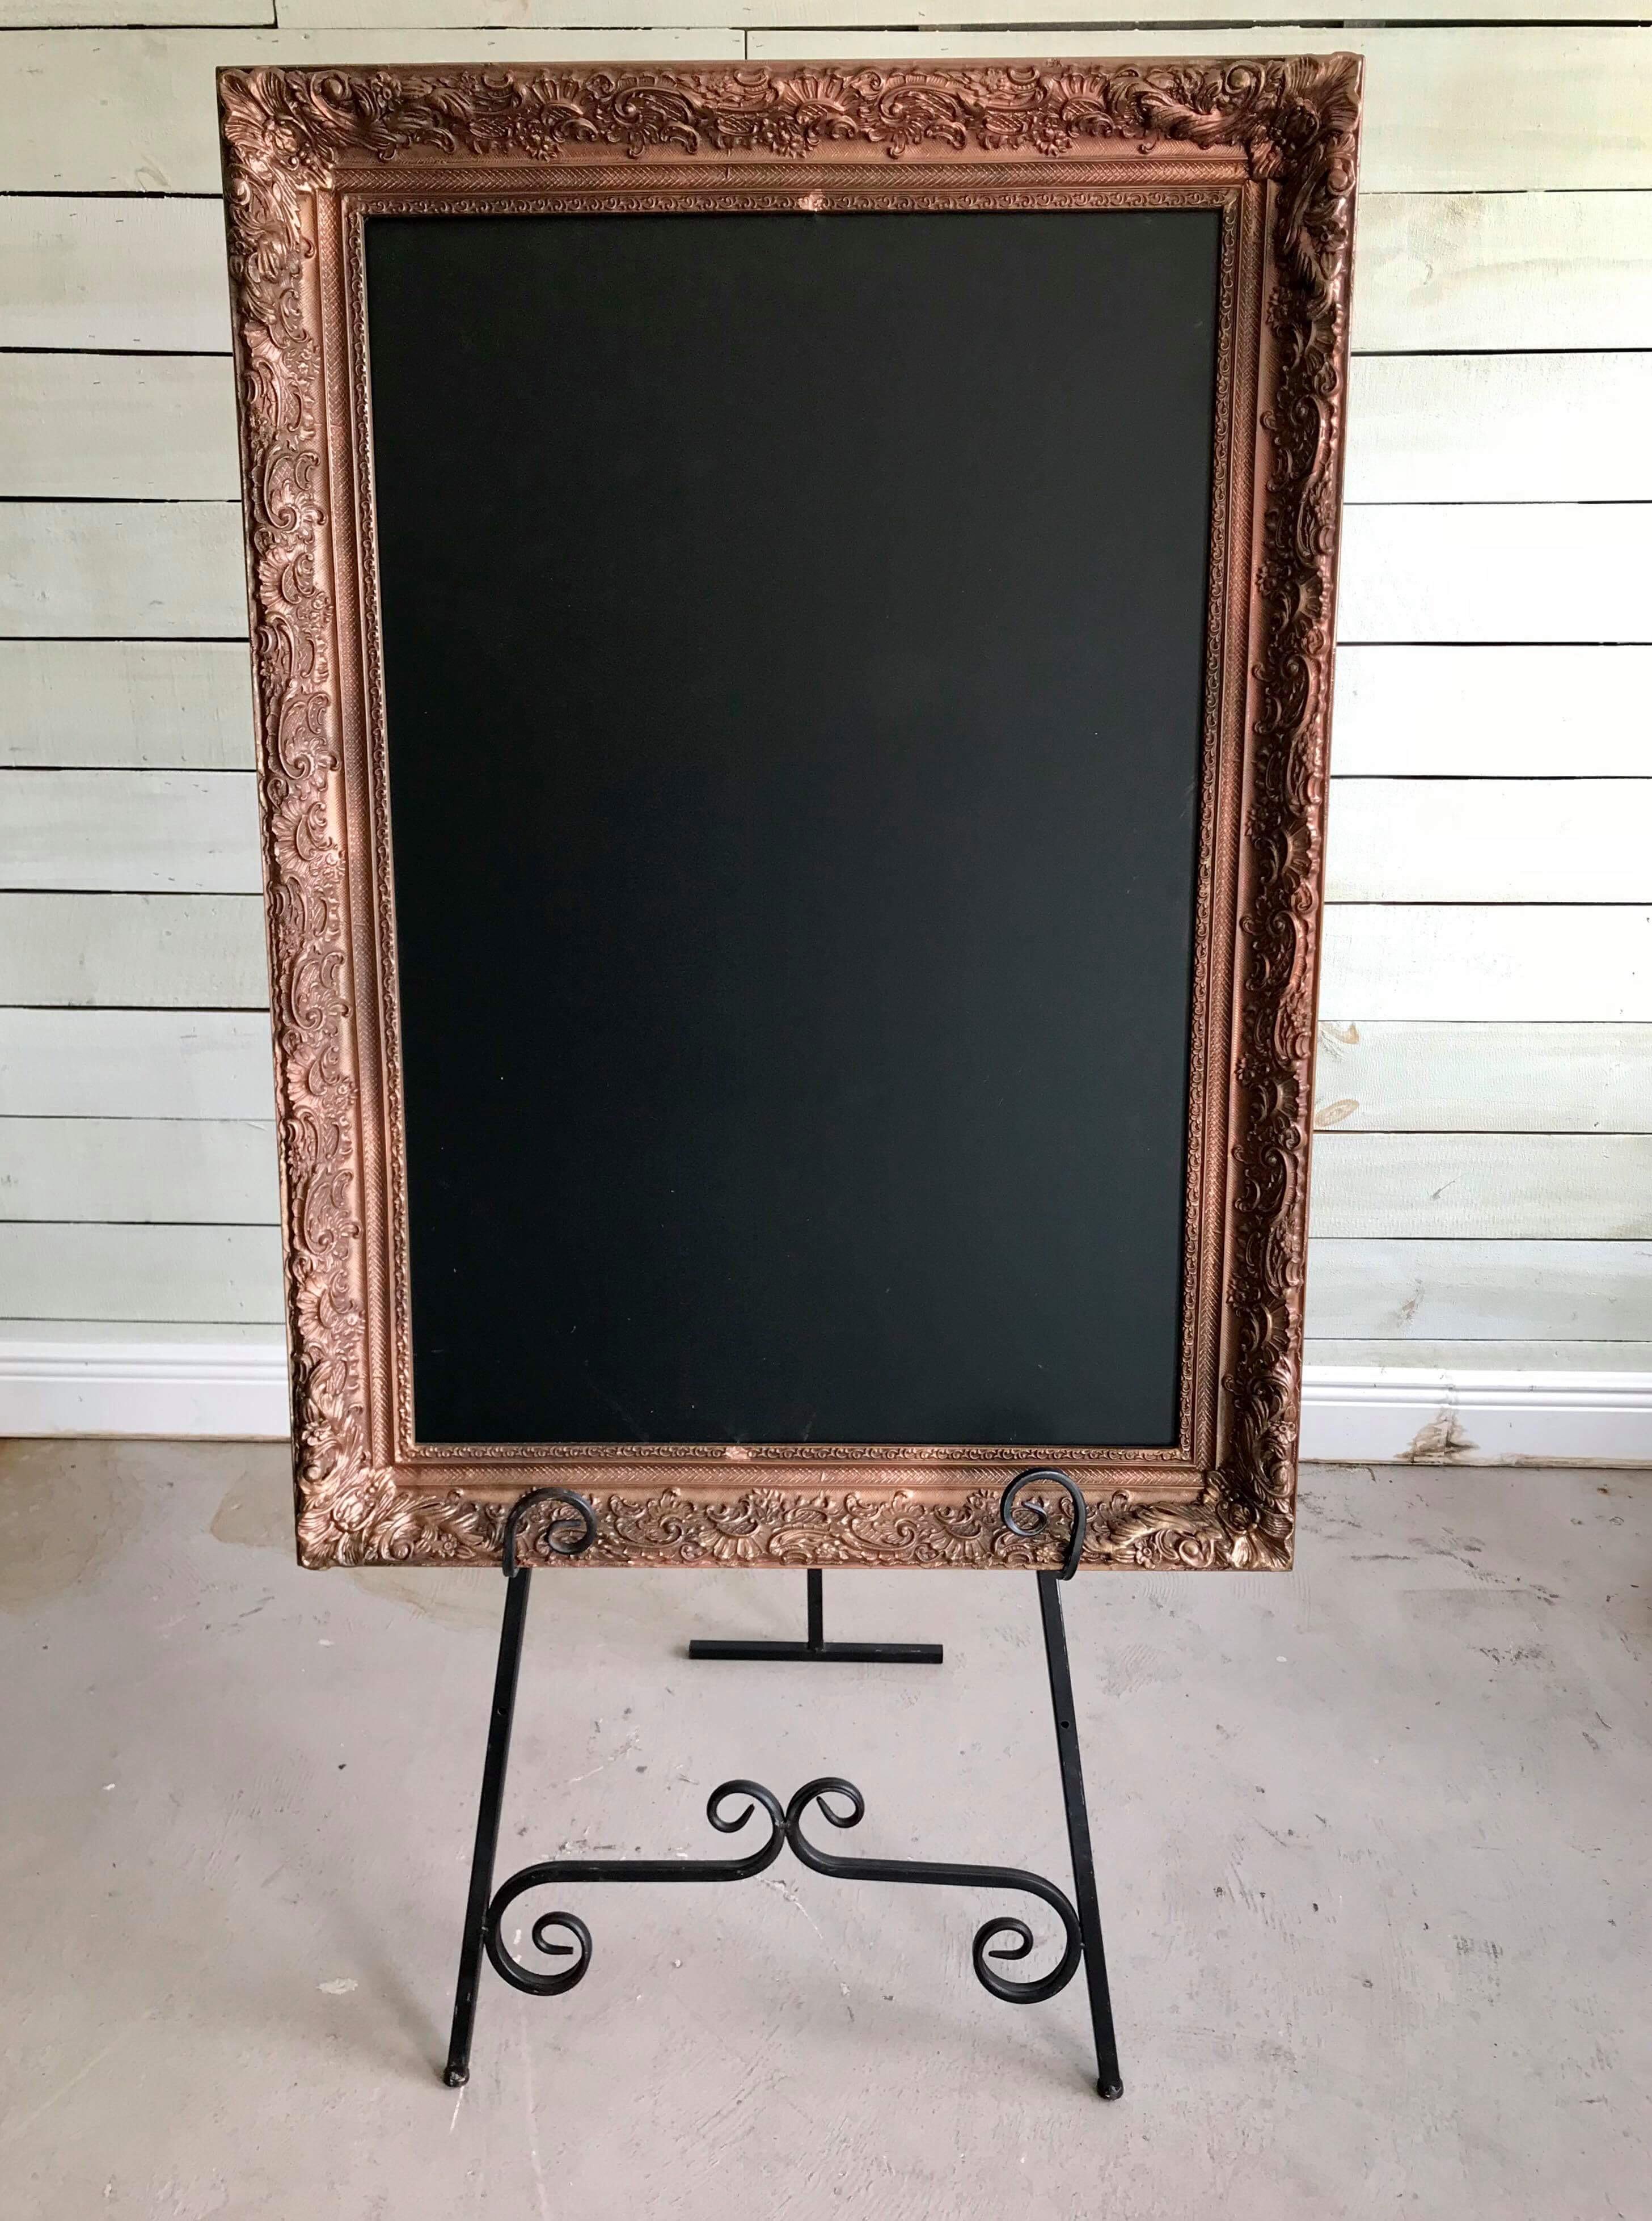 Large framed chalkboard